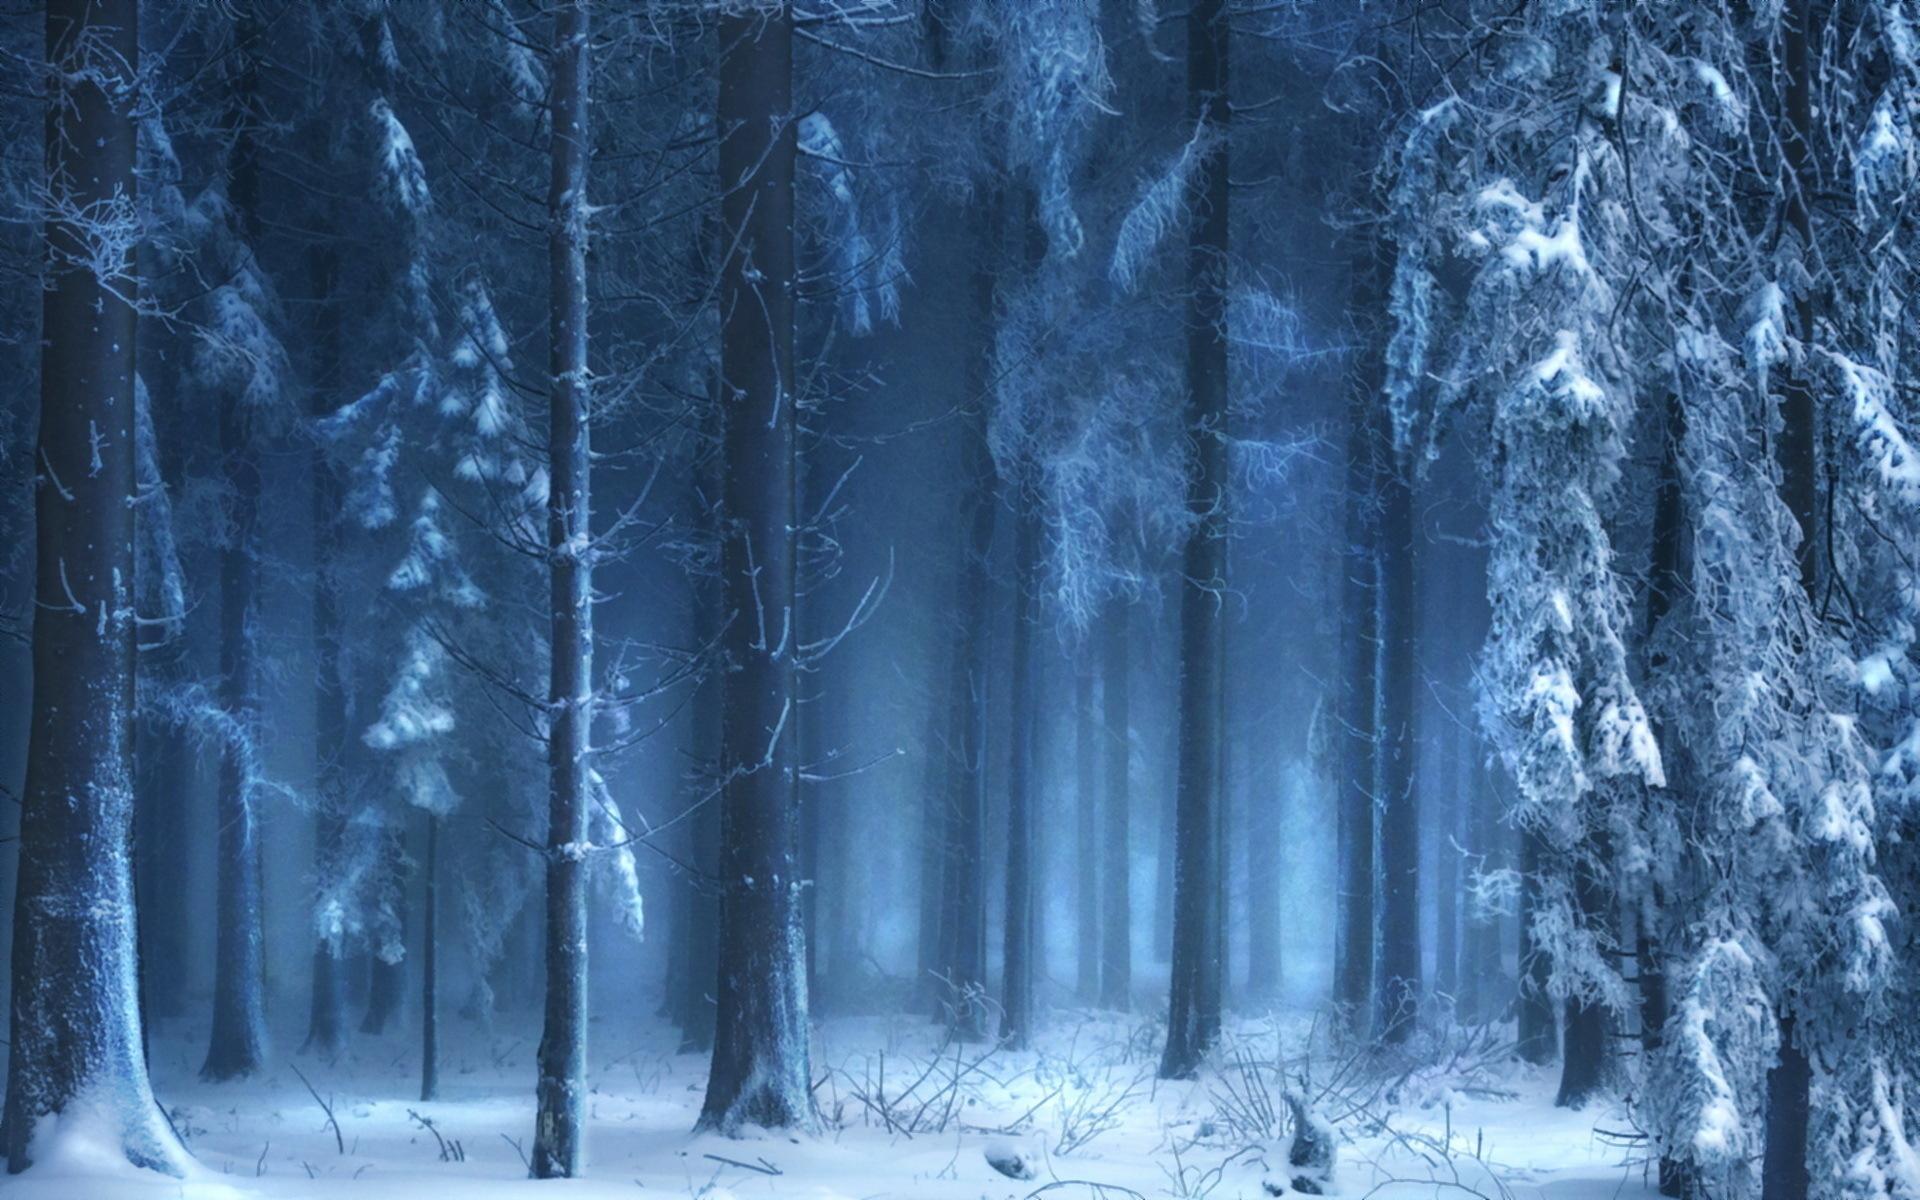 вот уже таинственная зима картинки которых